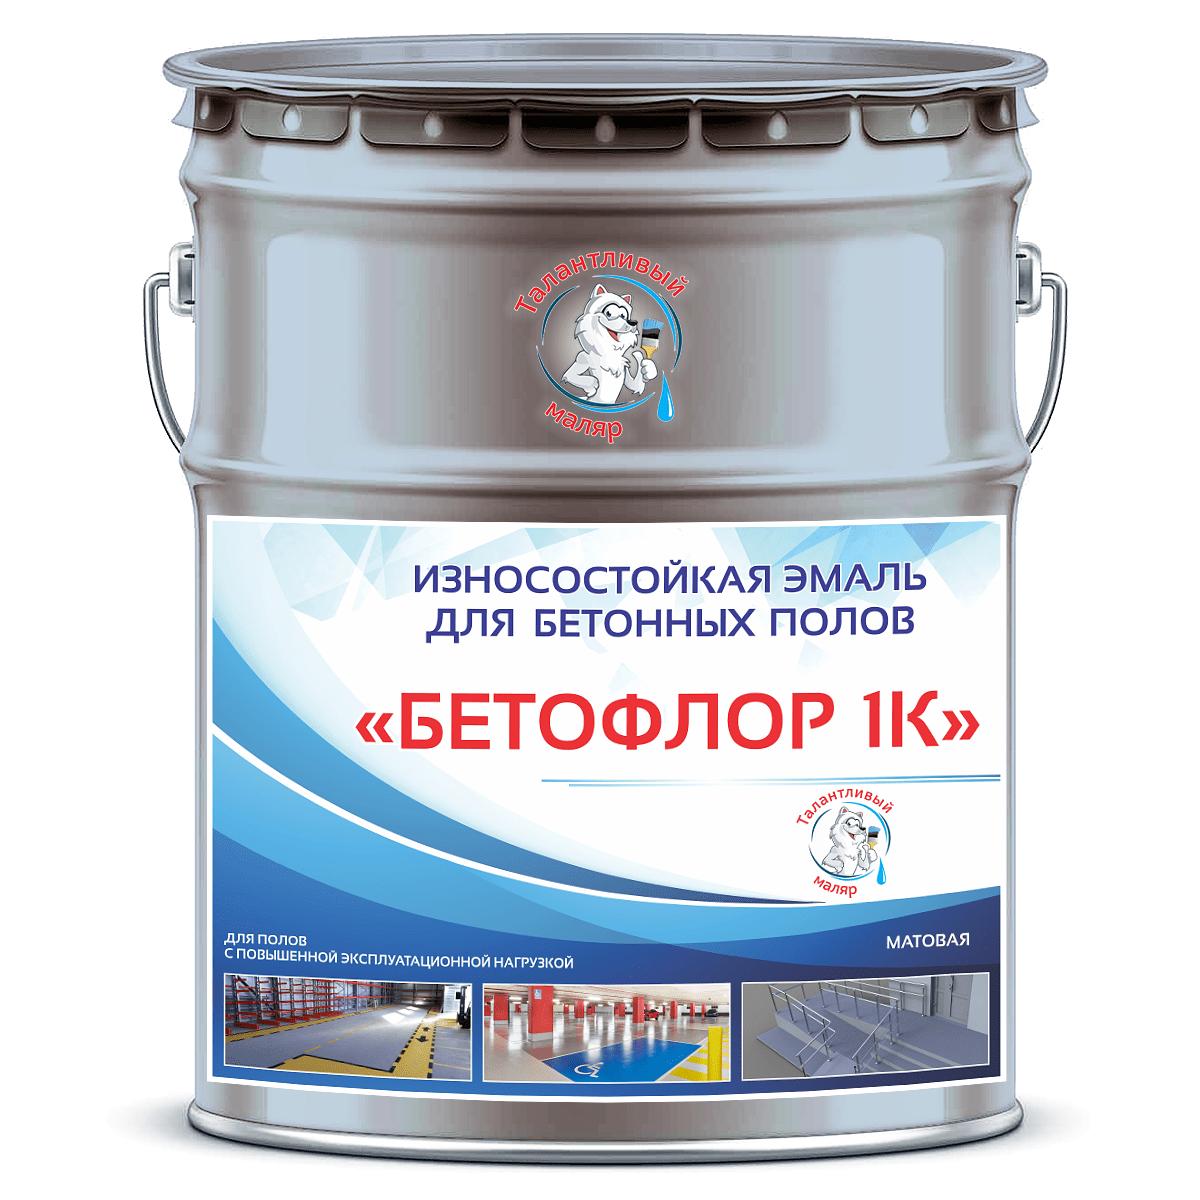 """Фото 2 - BF7001 Эмаль для бетонных полов """"Бетофлор"""" 1К цвет RAL 7001 Серебристо-серый, матовая износостойкая, 25 кг """"Талантливый Маляр""""."""